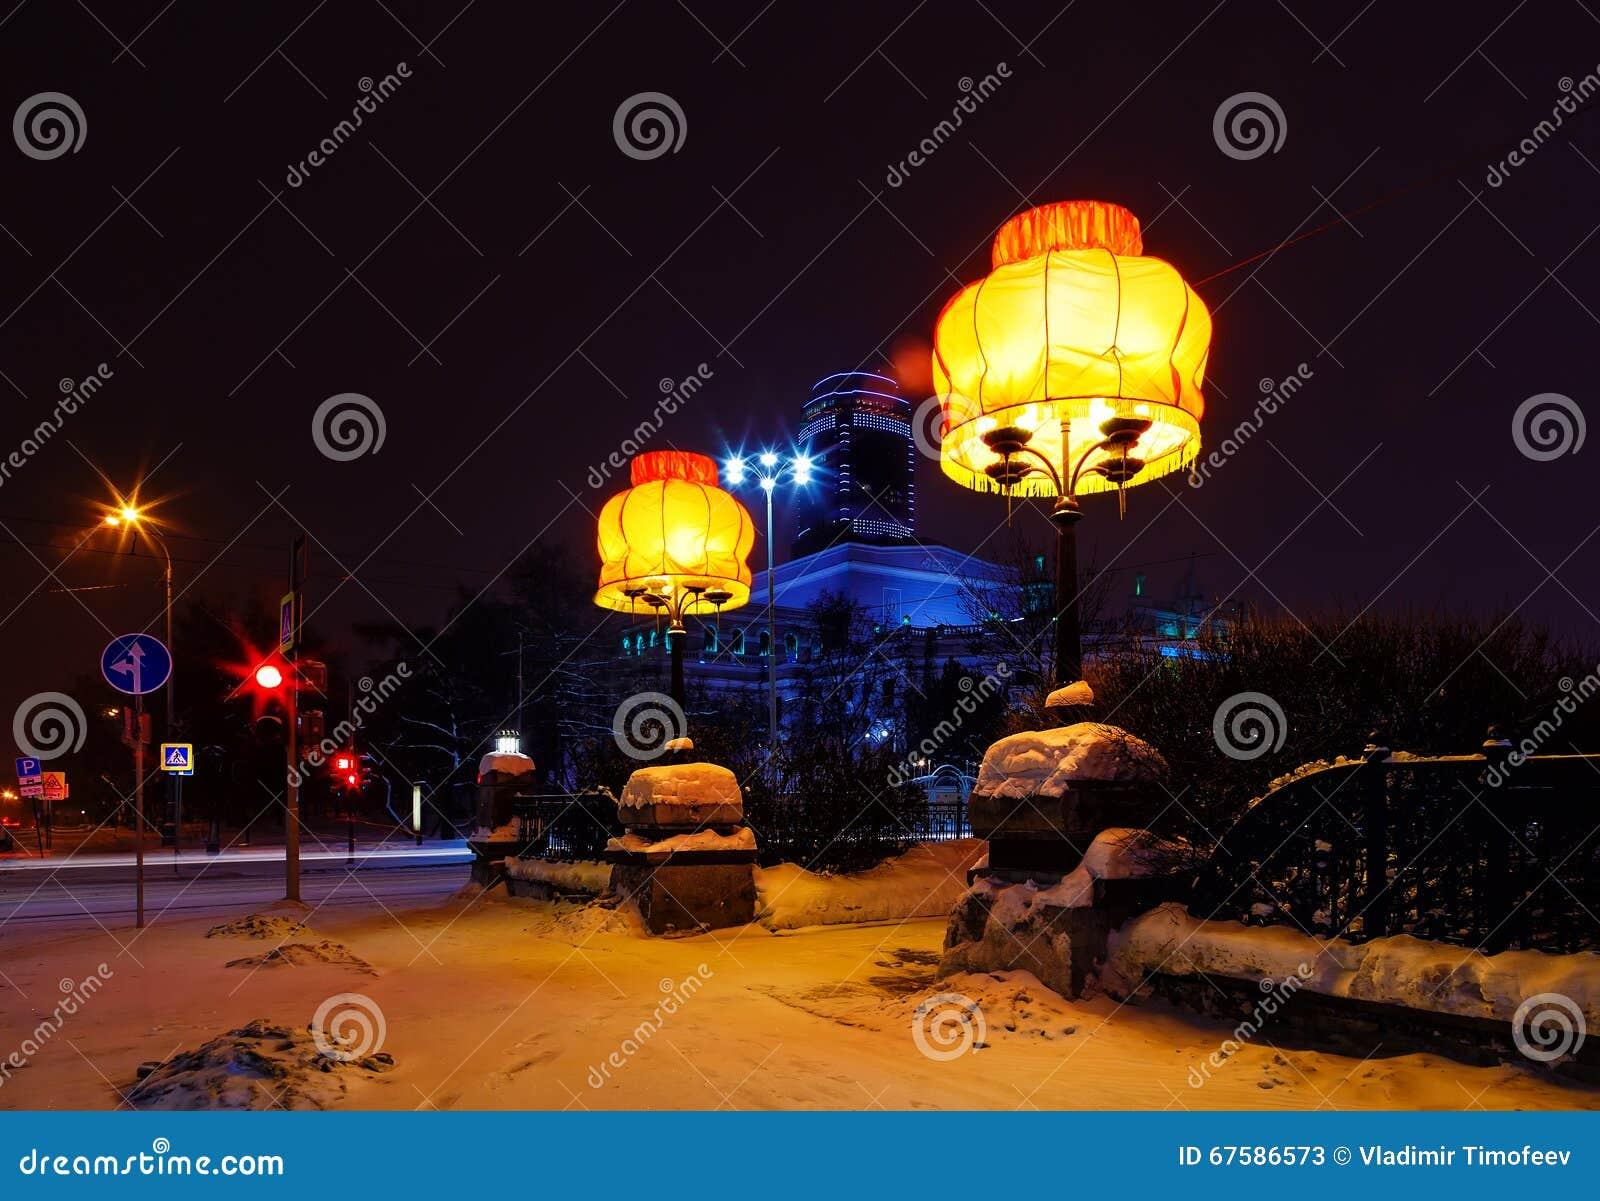 灯罩夜叶卡捷琳堡在街道上的设计想法